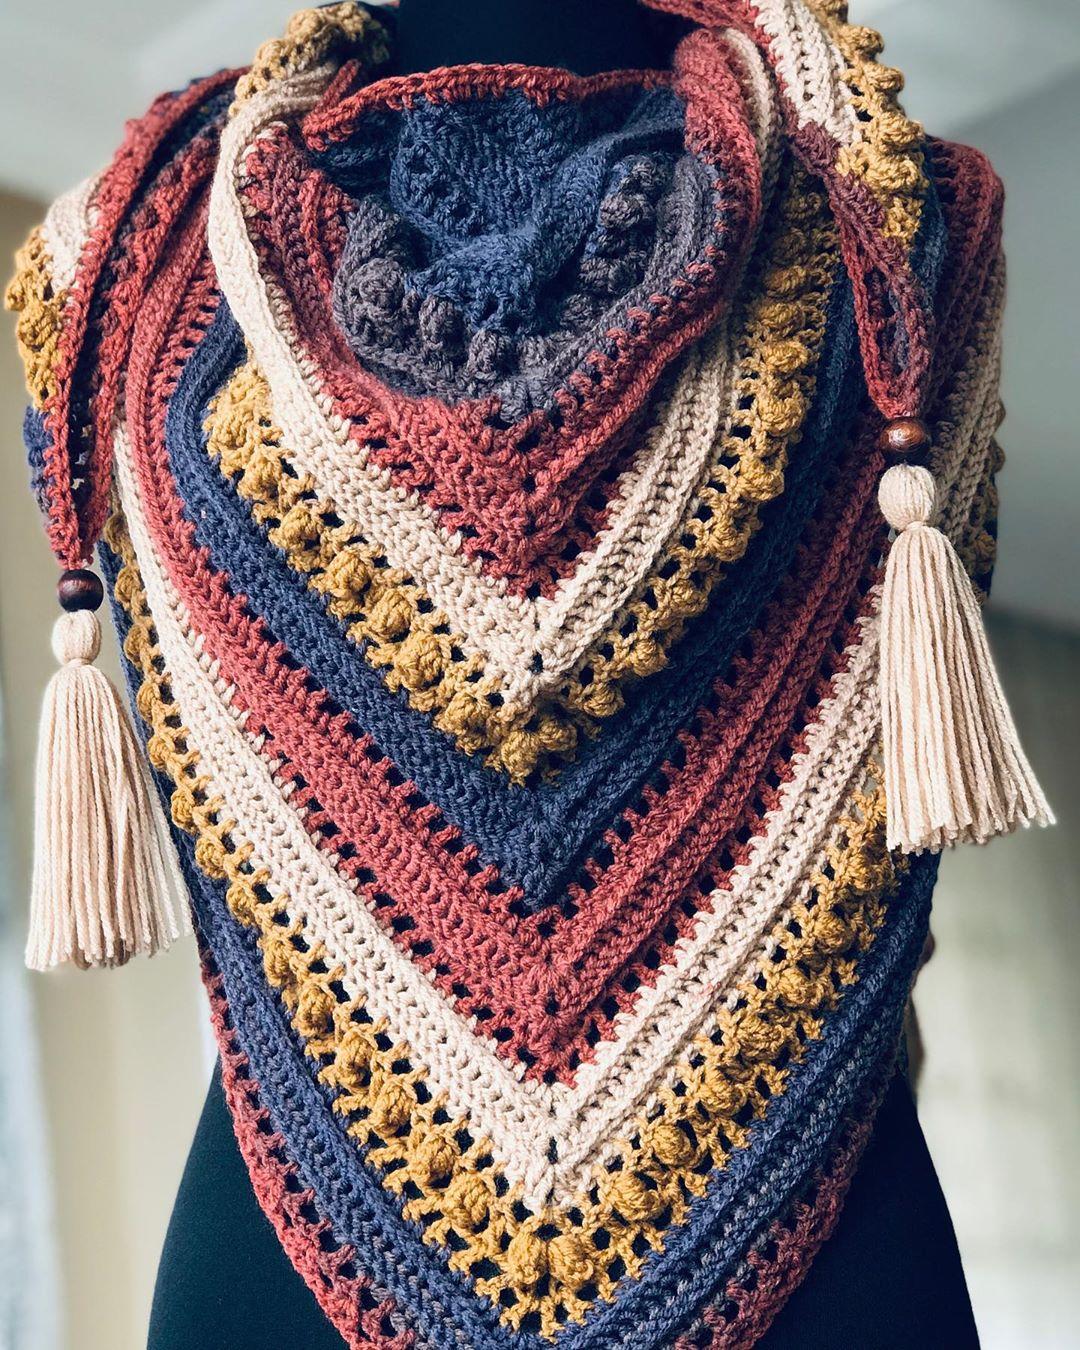 Günaydınlar😍 Mutlu Pazarlar💛 Bu Şalım Elişi - Crochet Shawl